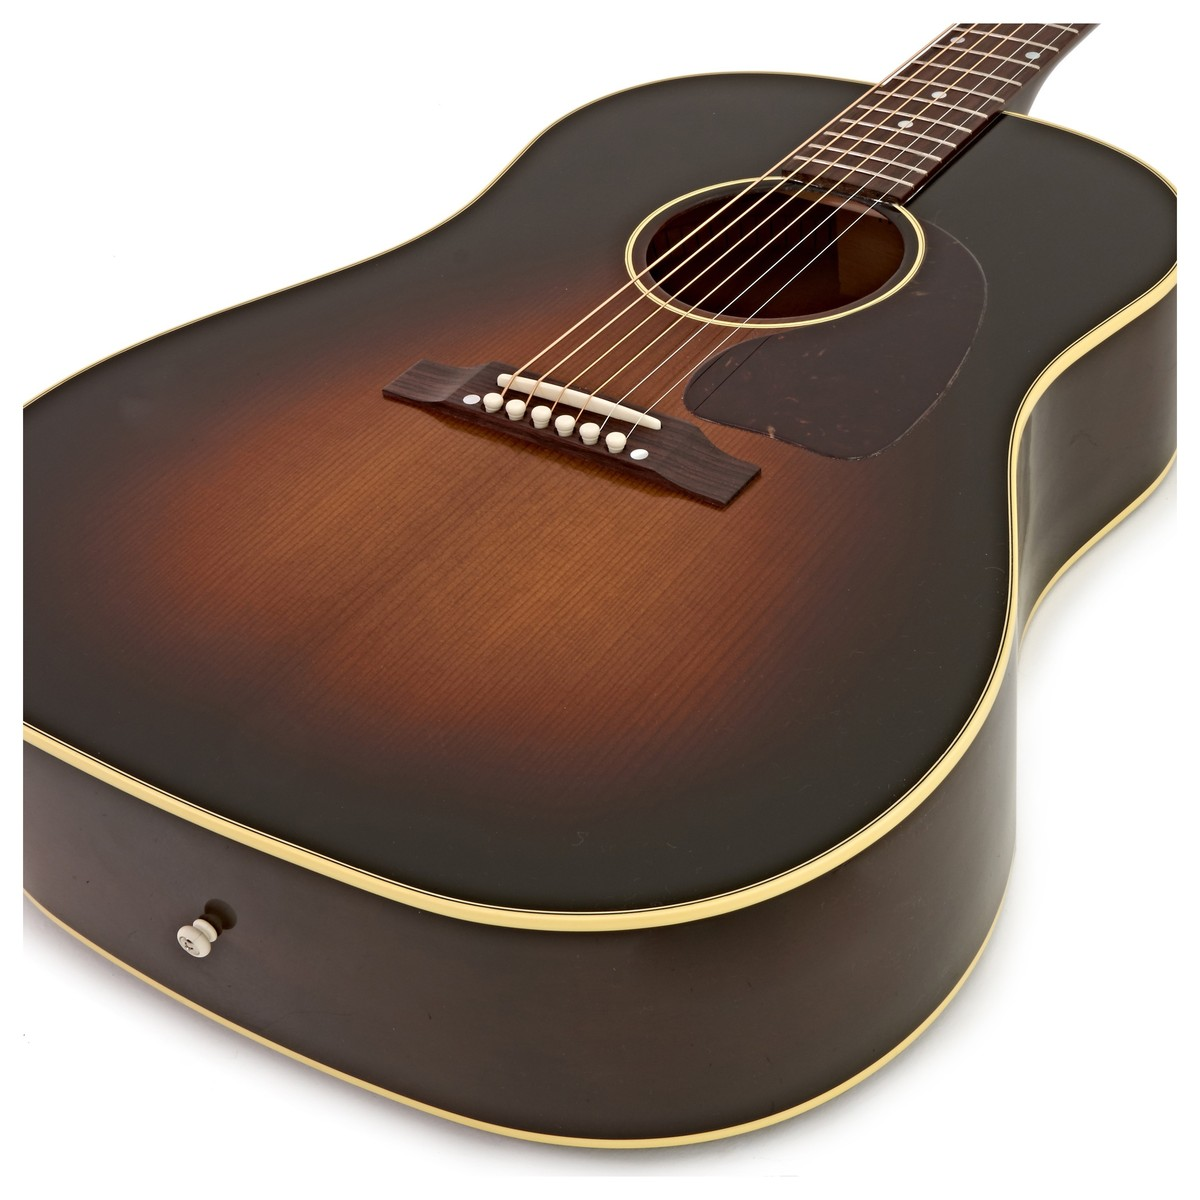 gibson j 45 vintage acoustic guitar vintage sunburst 2017 at. Black Bedroom Furniture Sets. Home Design Ideas